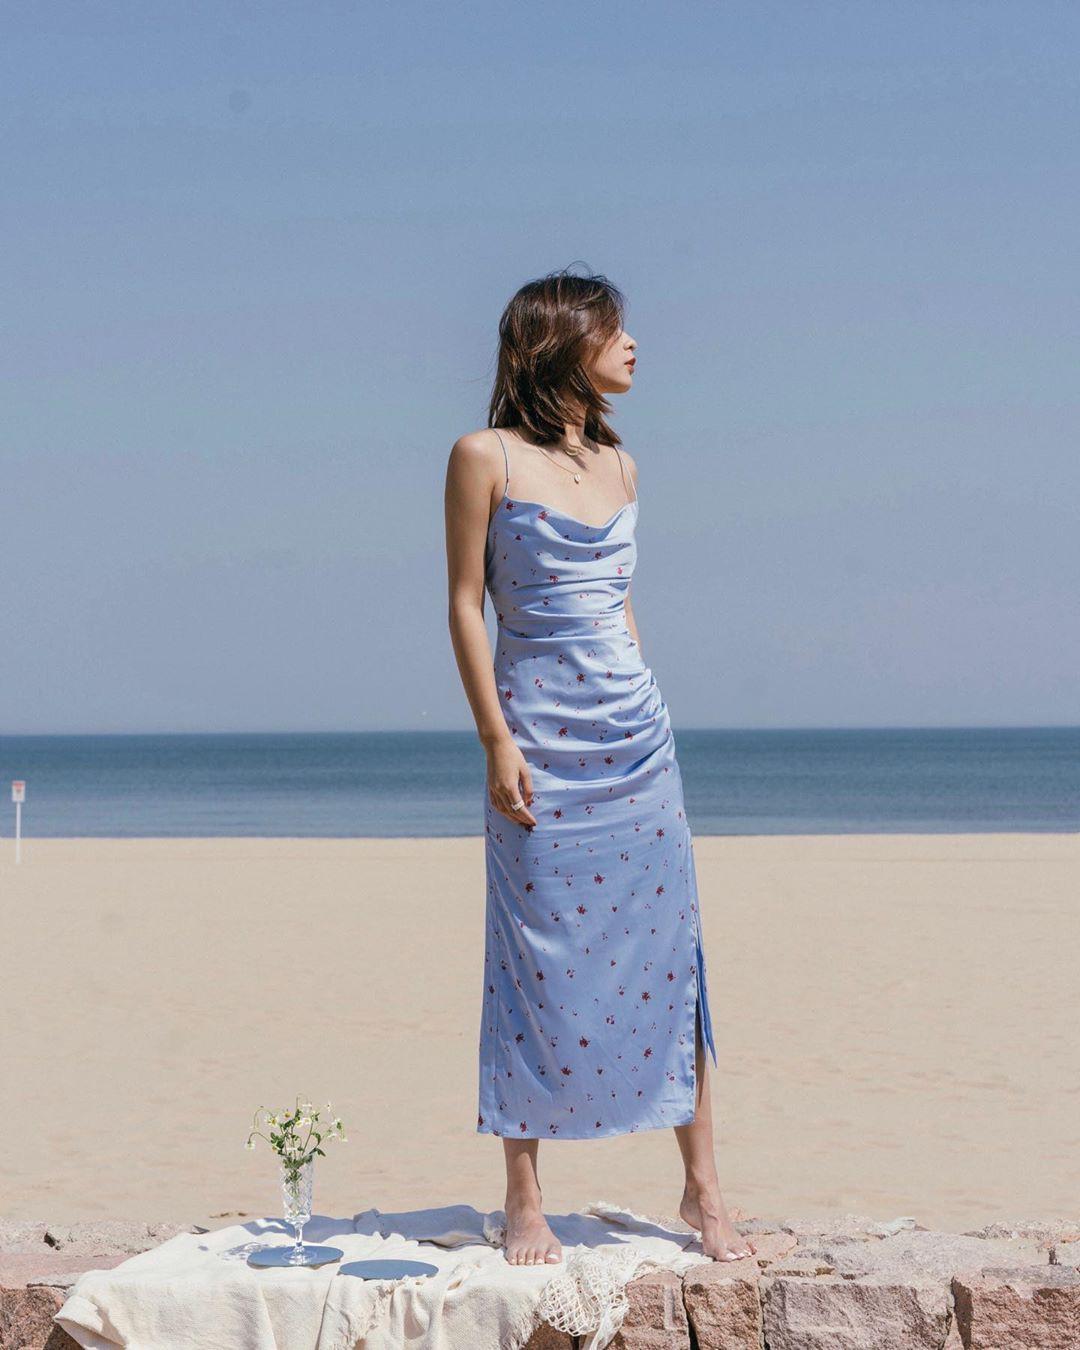 """4 mẫu váy đơn giản nhưng thừa độ sang chảnh, tinh tế giúp style của chị em """"sang trang"""" mới huy hoàng - Ảnh 6"""